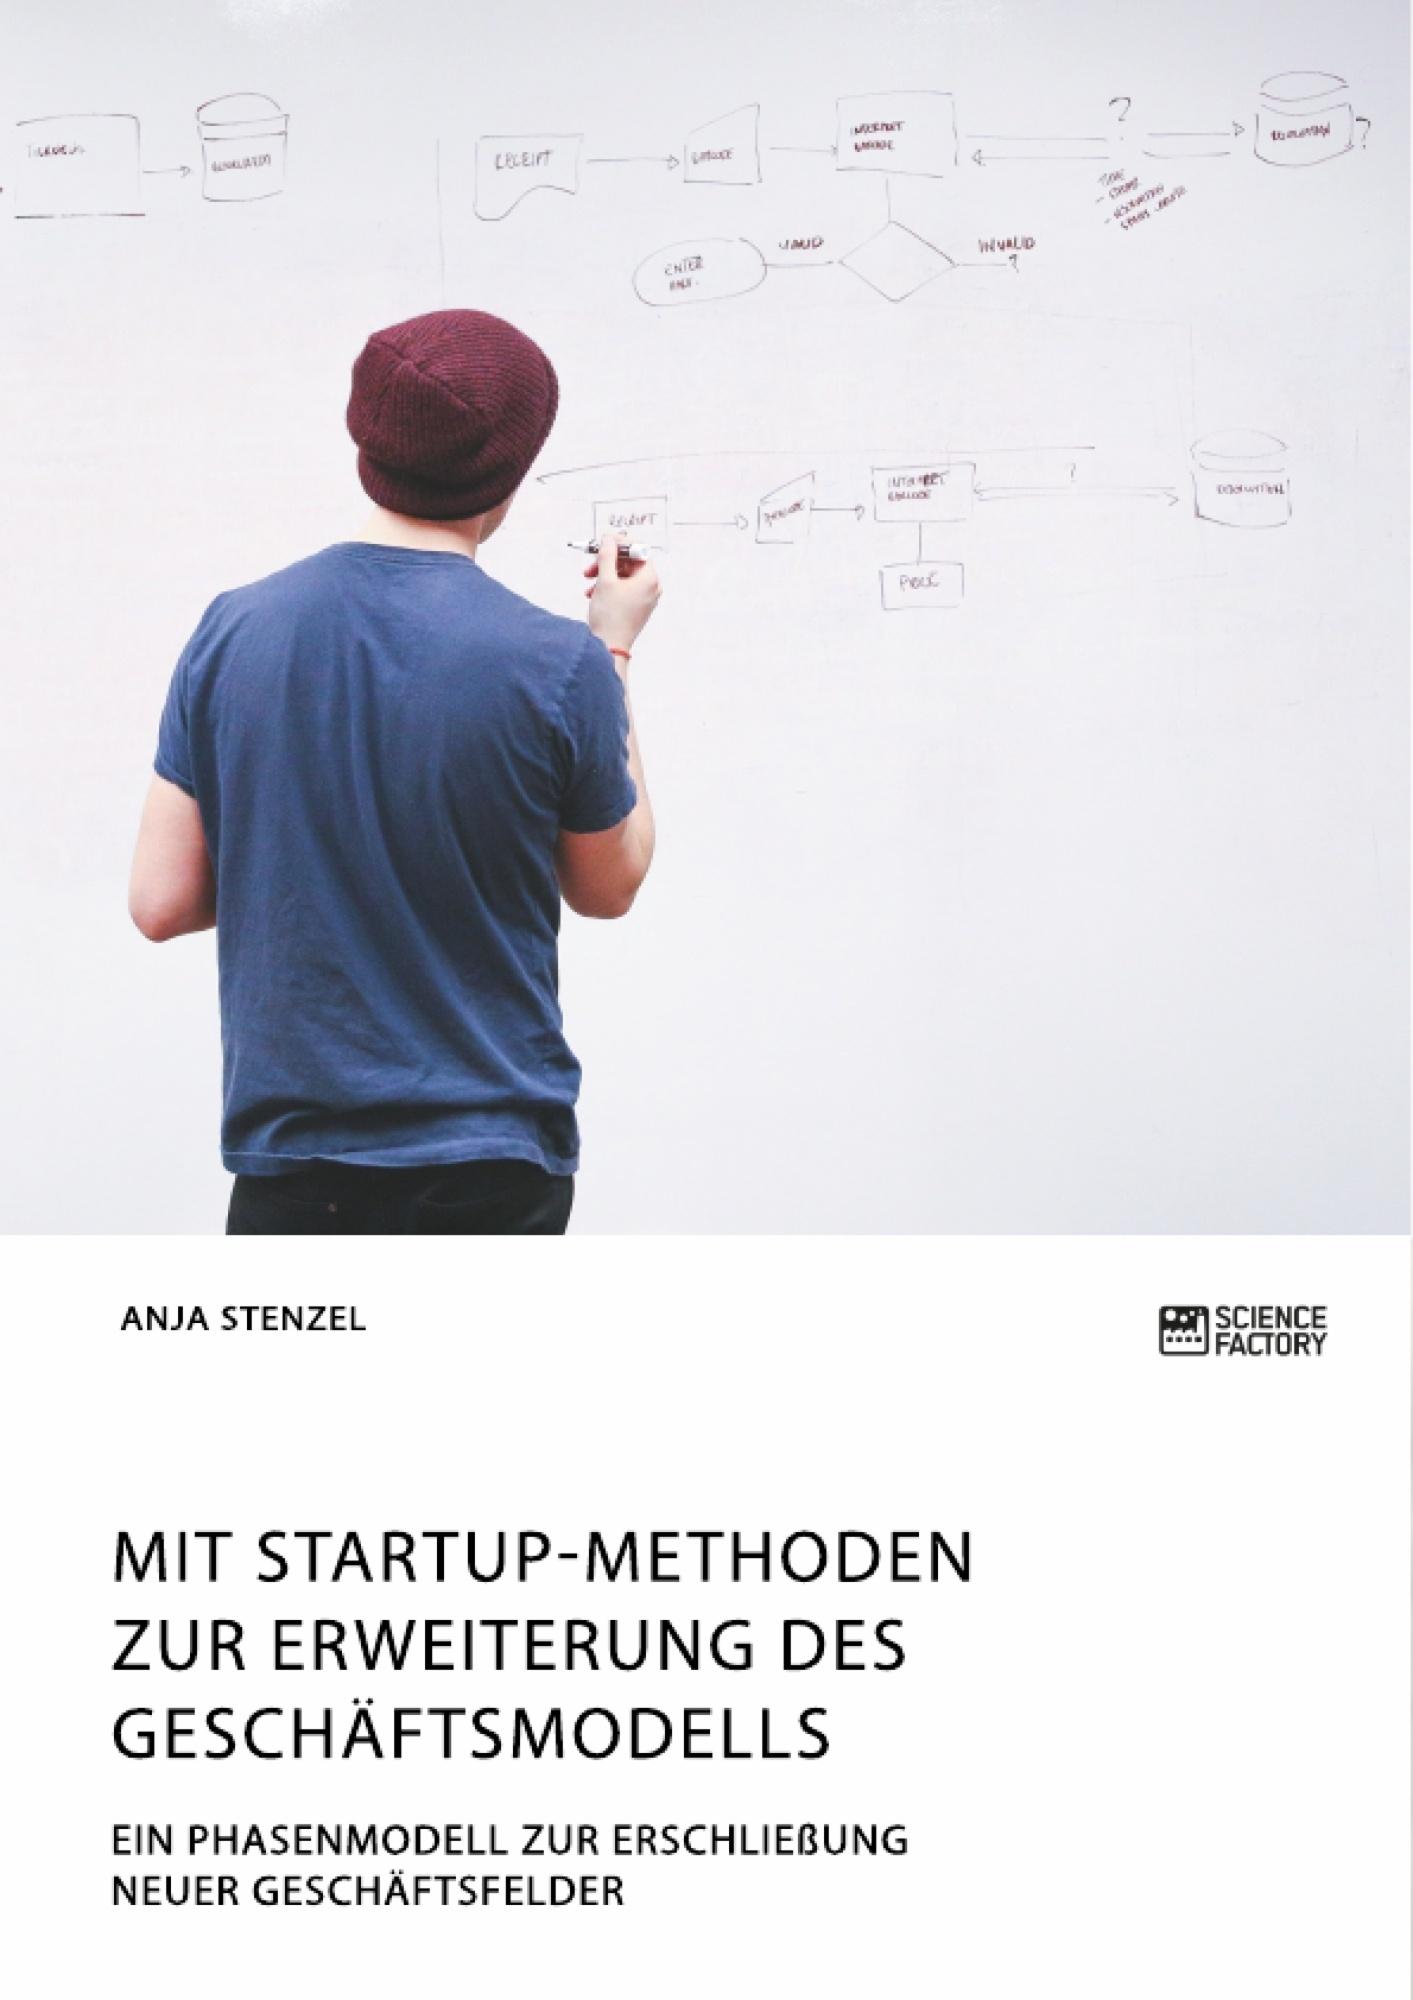 Titel: Mit Startup-Methoden zur Erweiterung des Geschäftsmodells. Ein Phasenmodell zur Erschließung neuer Geschäftsfelder